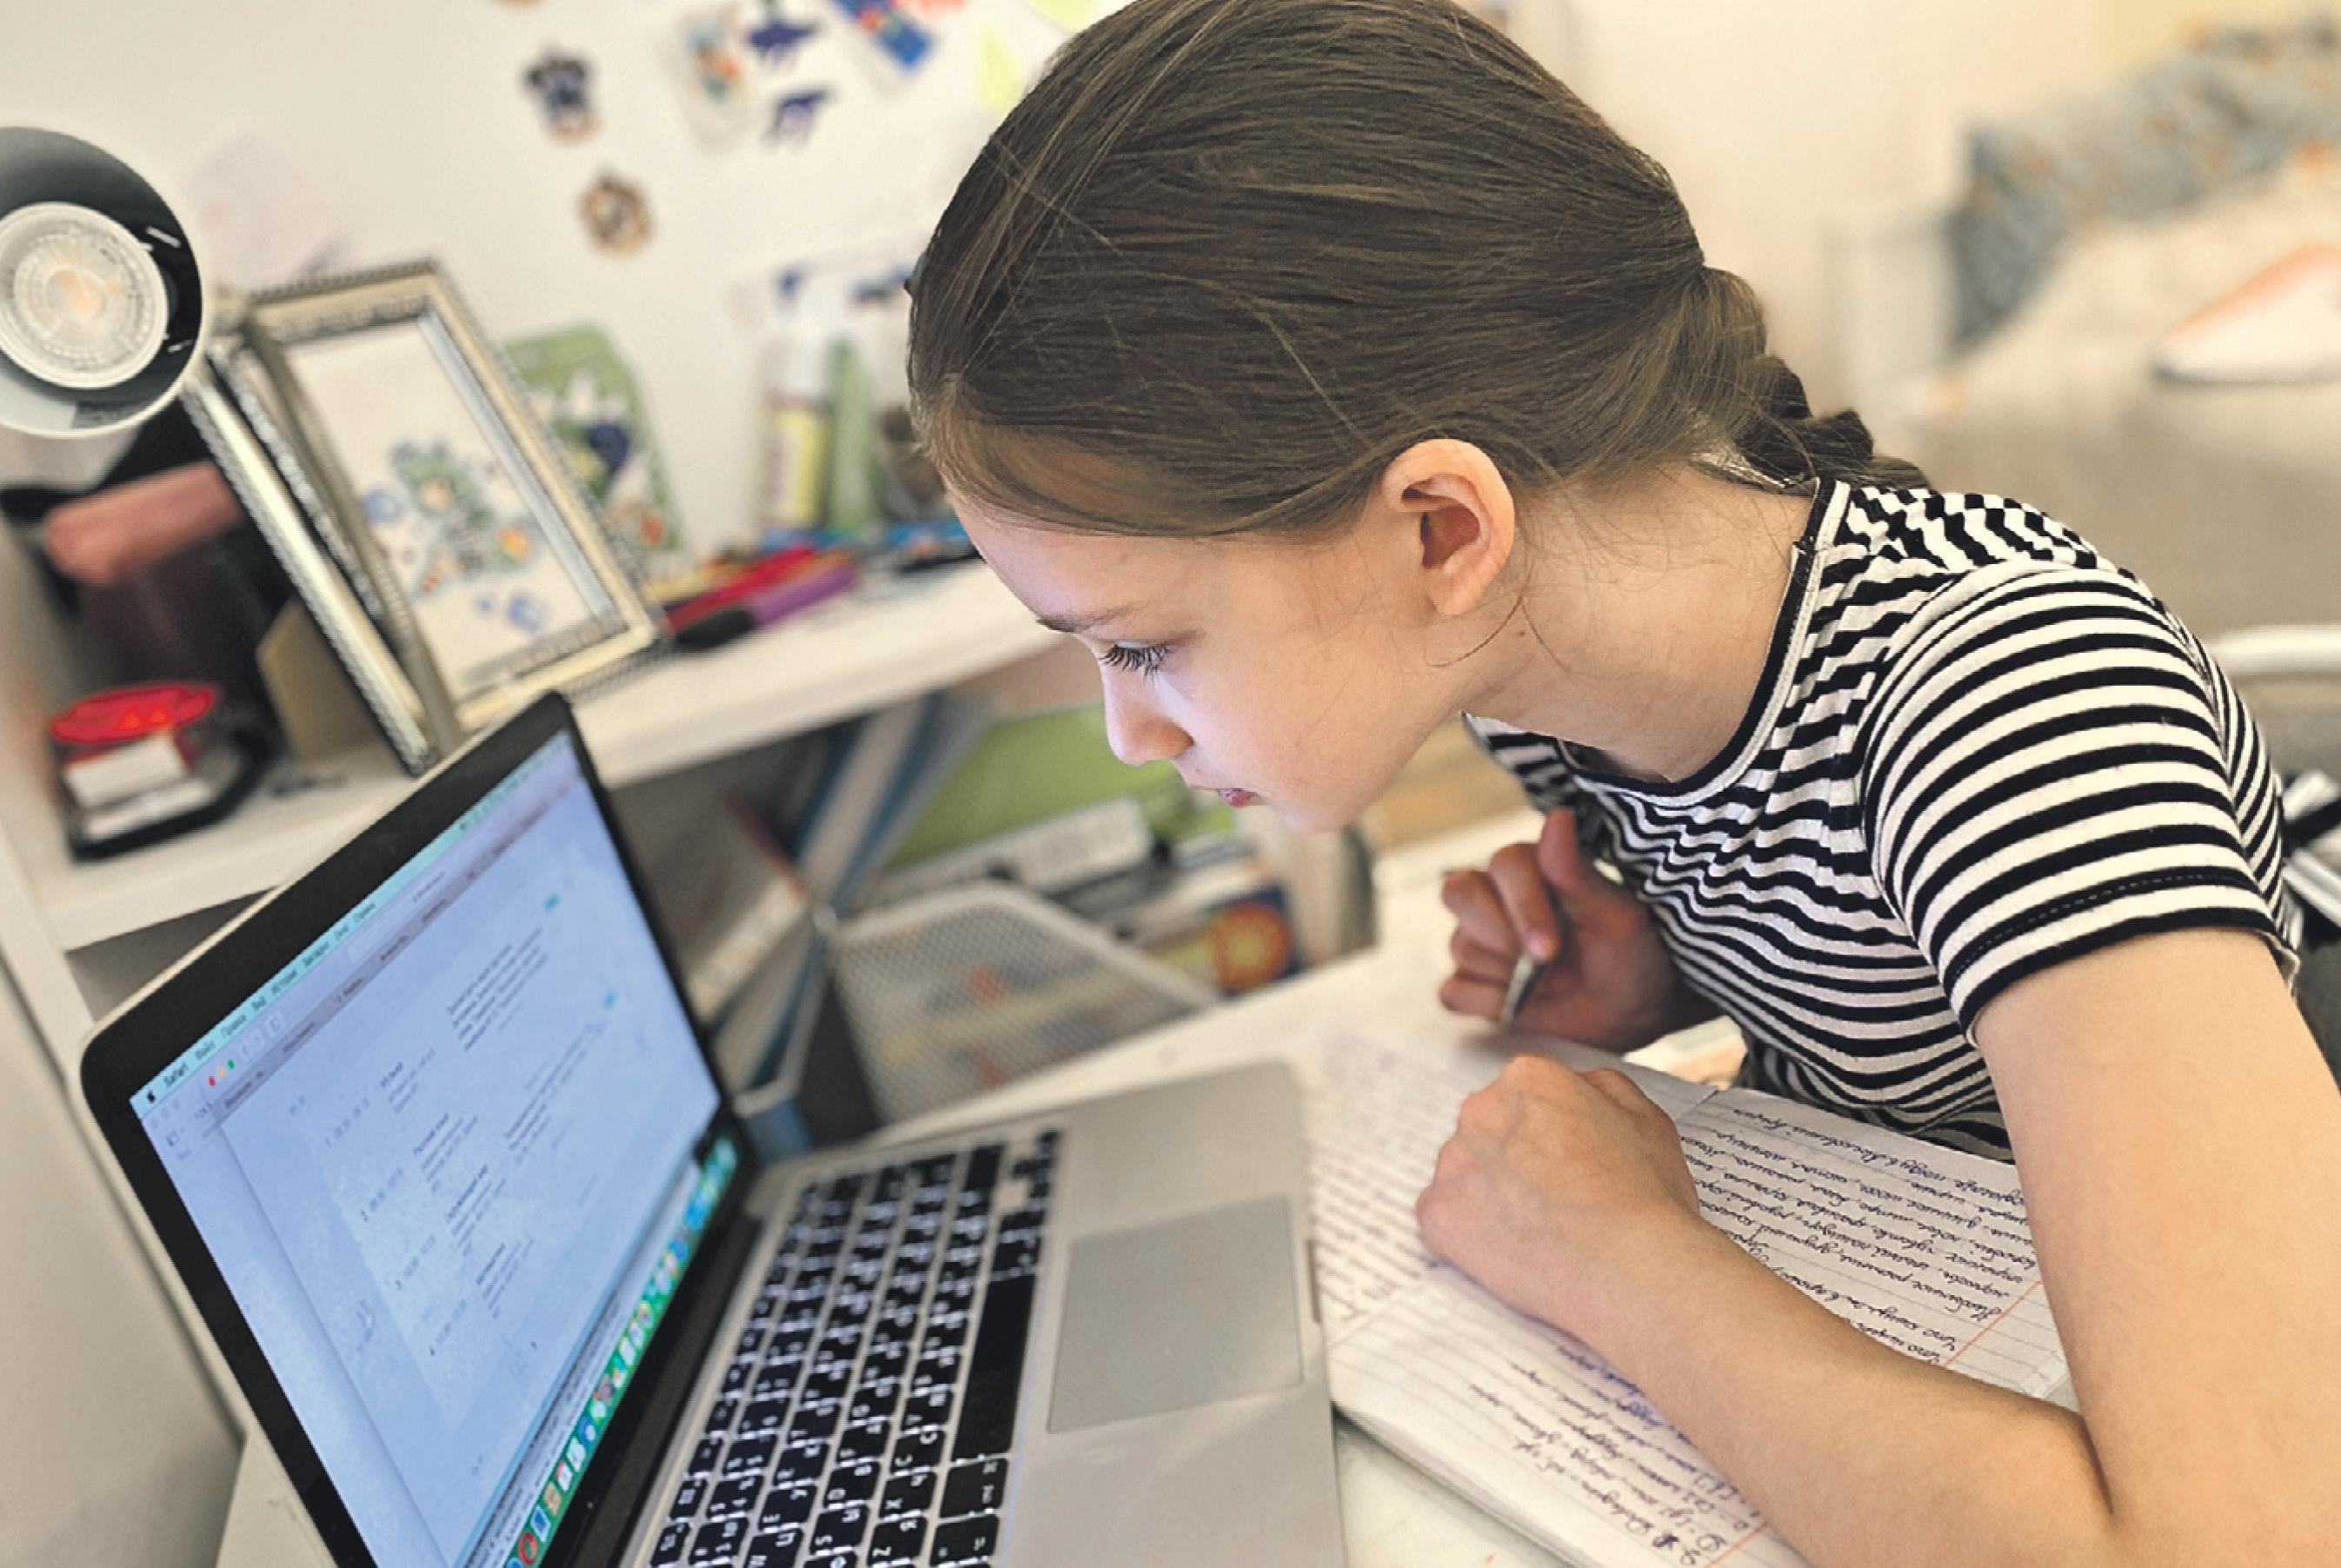 Ежедневно к урокам подключаются более 600 тысяч учеников и учителей.Фото: Василиса Чернявская, «Вечерняя Москва»